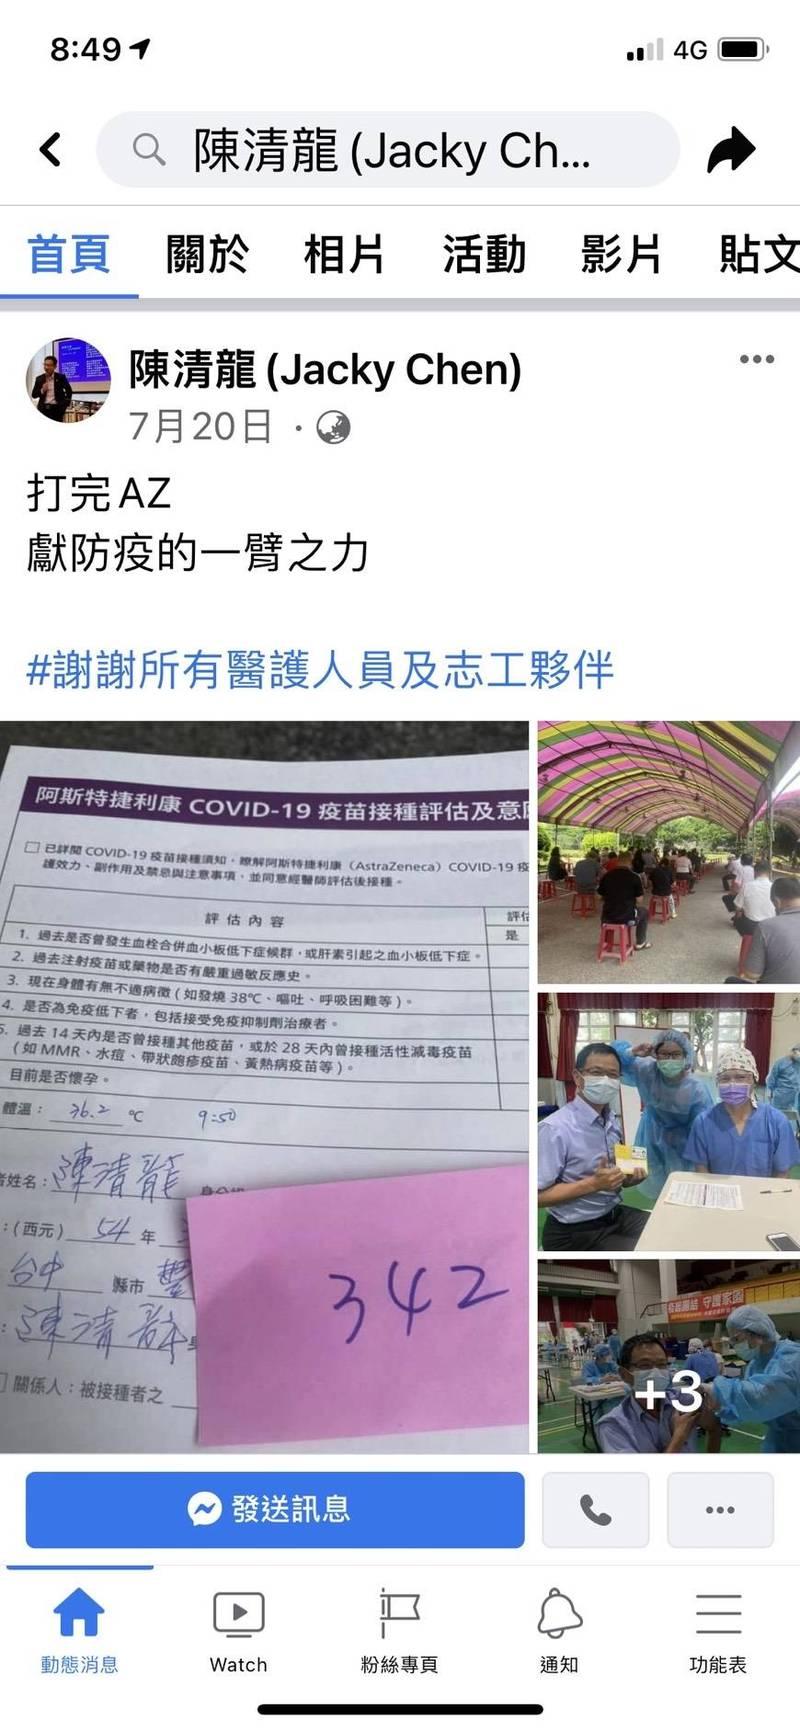 台中市政府開專案讓議員打疫苗,但不少議員已上網完成施打,如超黨派聯盟的陳清龍就早已在臉書張貼完成施打。(記者唐在馨翻攝)